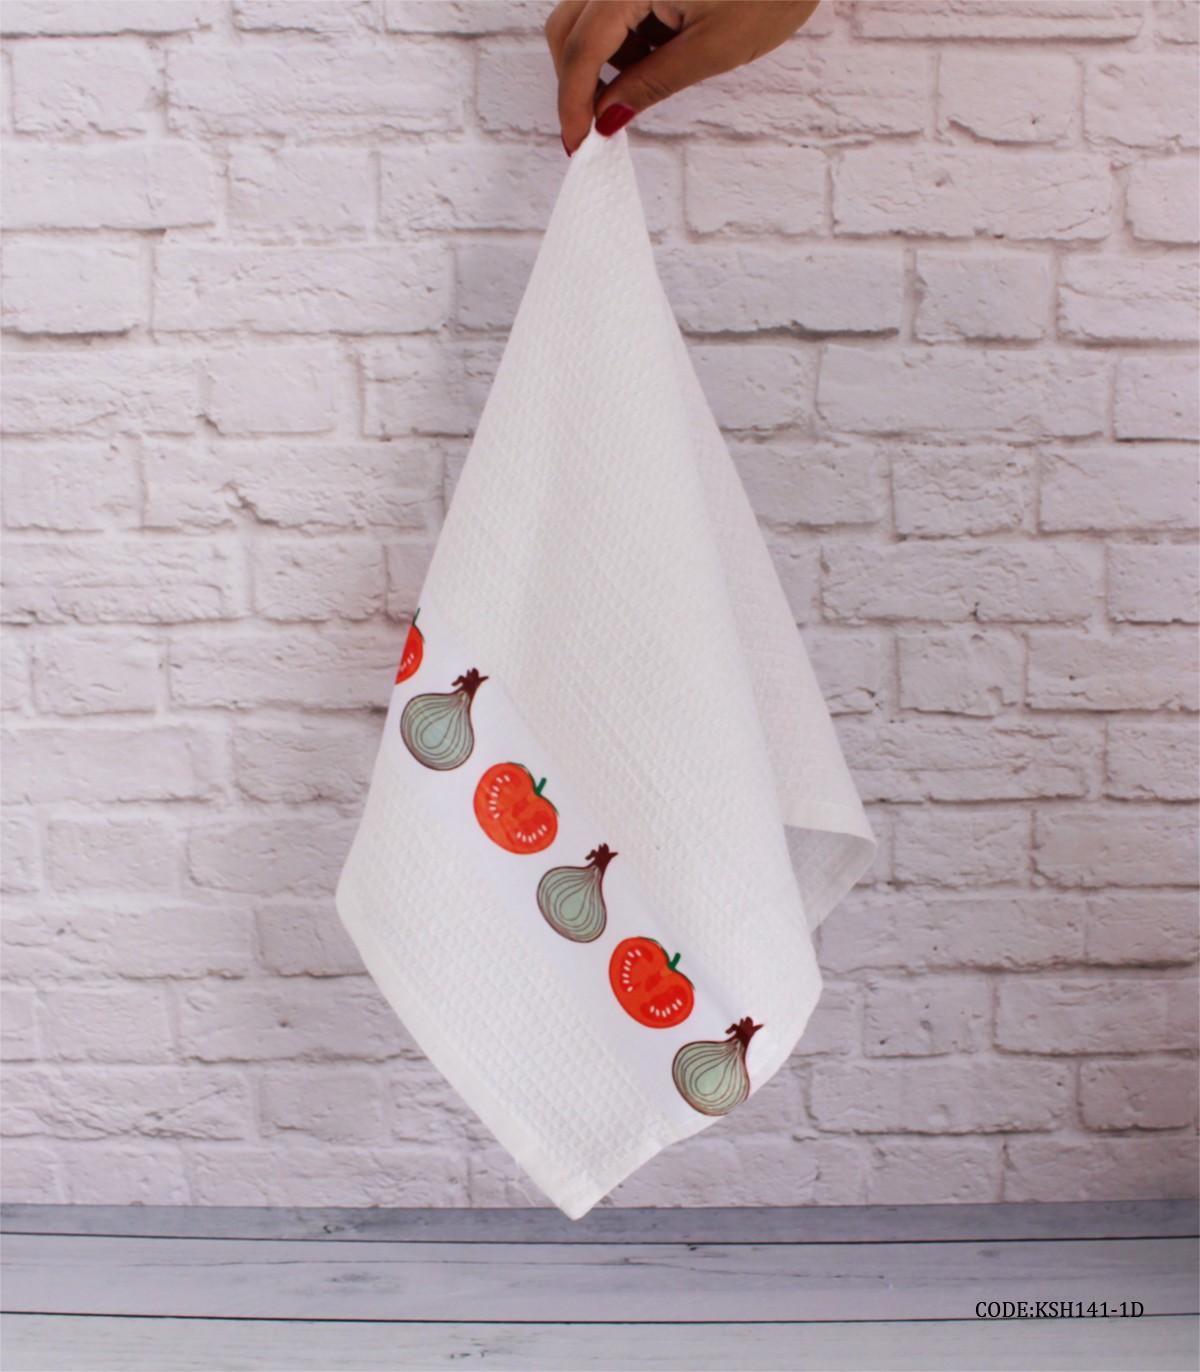 خرید آنلاین دستمال آشپزخانه عروس طرح پیاز و گوچه فرنگی